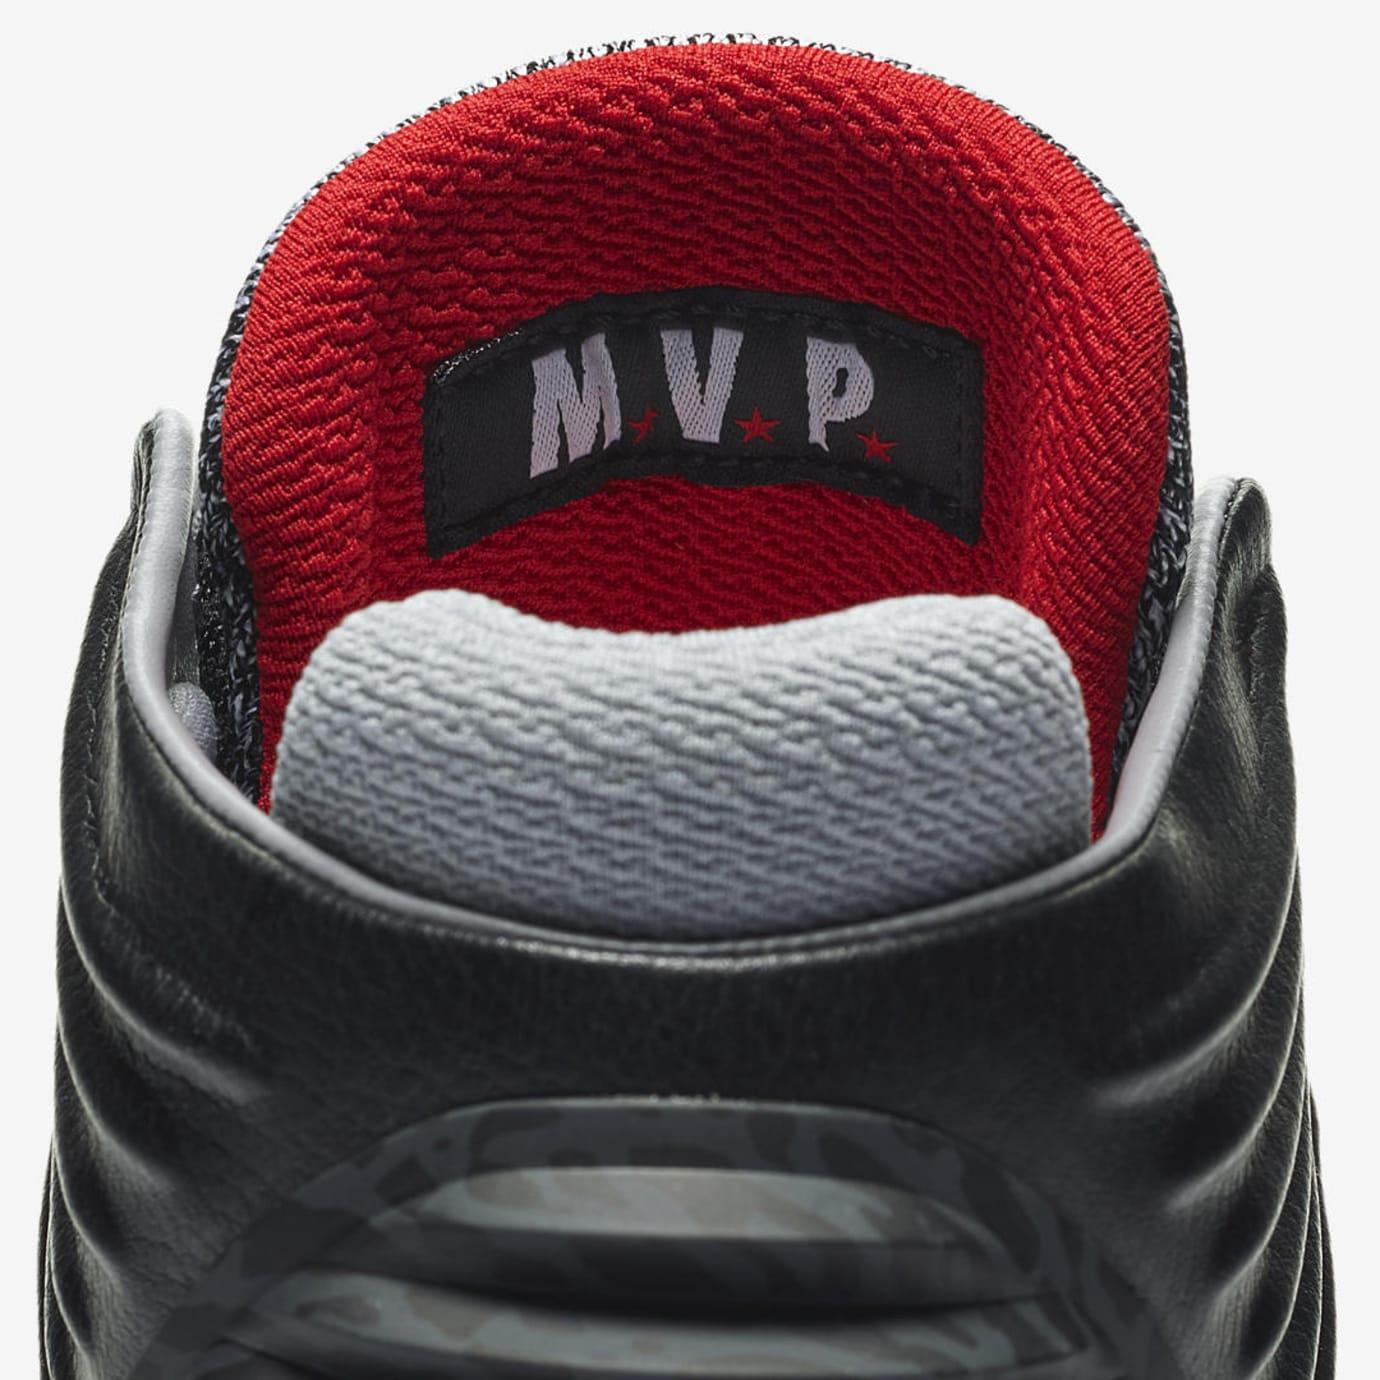 Air Jordan 32 MVP Black Cement AA1253-002 Tongue